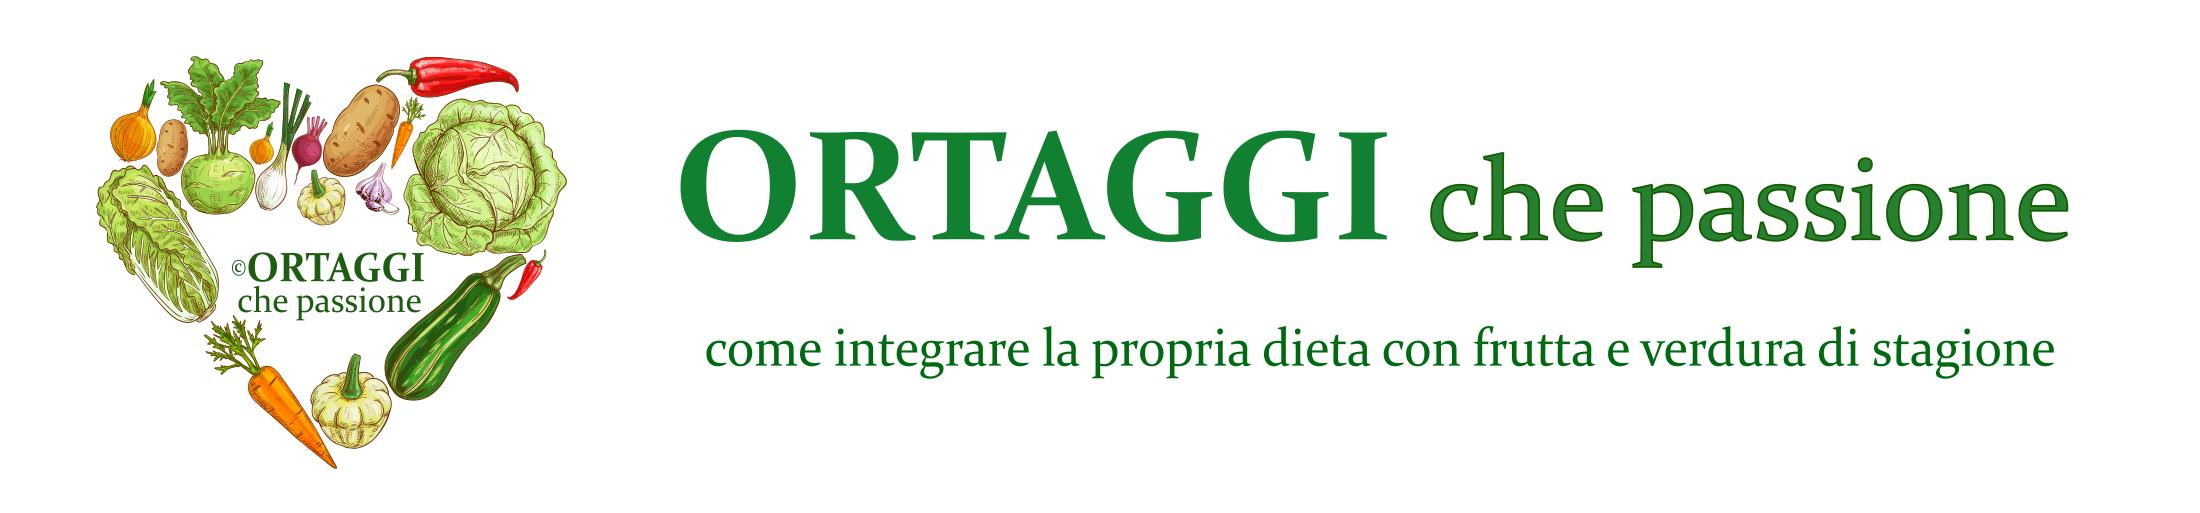 HEADER logo ORTAGGI CHE PASSIONE